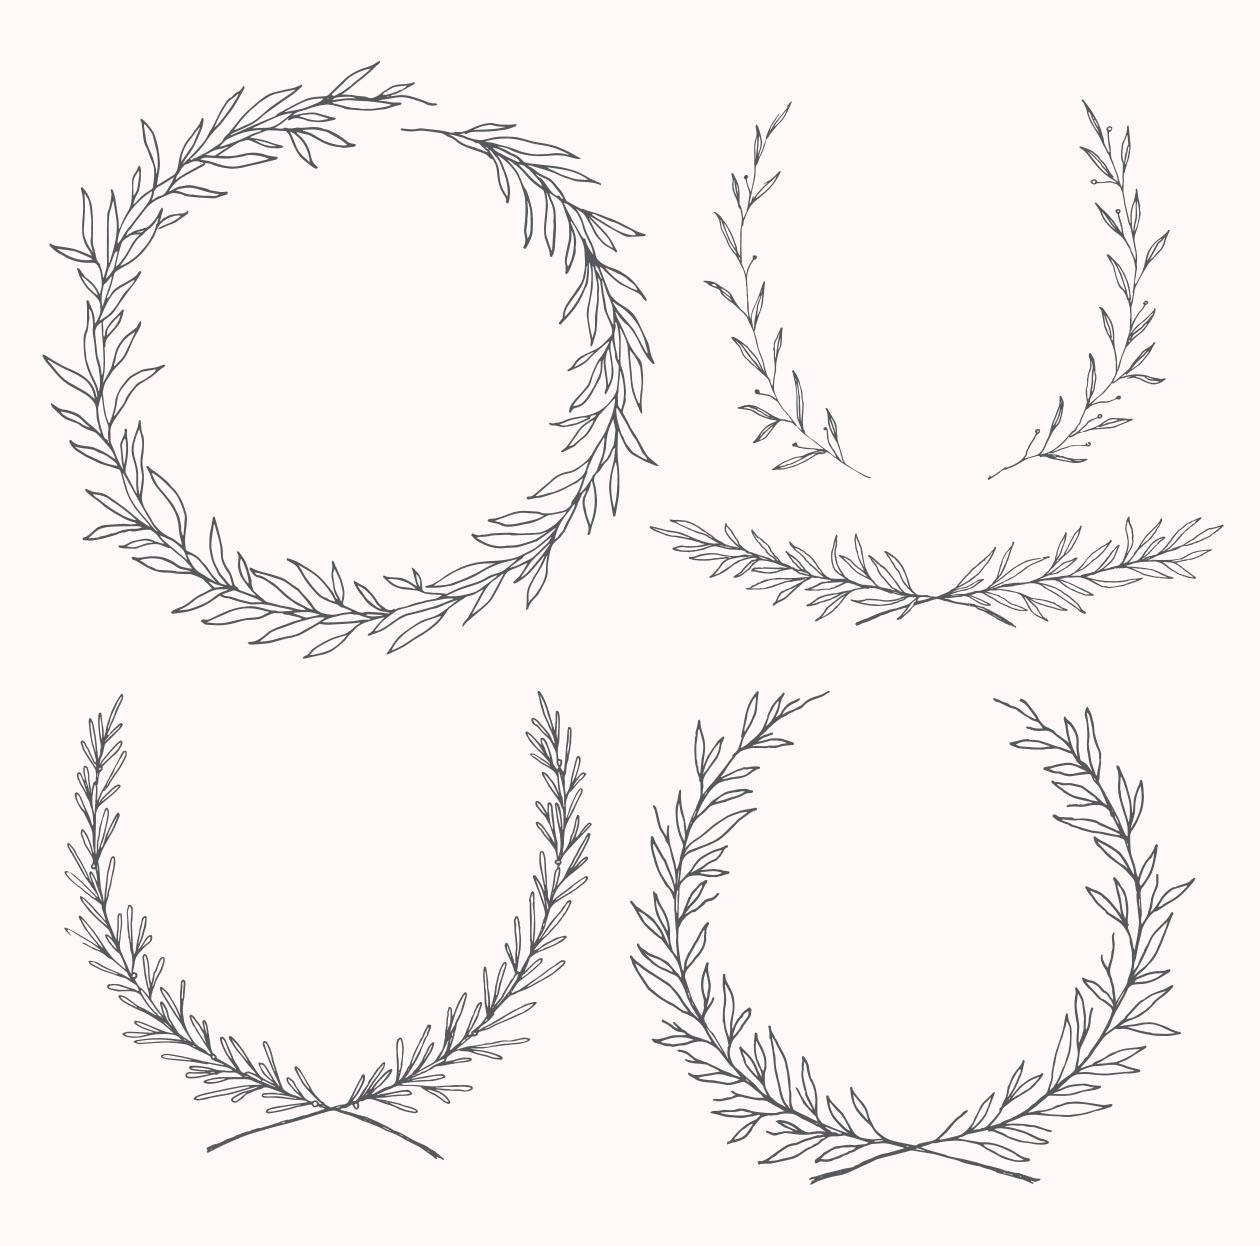 精美手绘花卉橄榄枝婚礼元素矢量素材包 The Ultimate Wedding Design Pack插图(6)